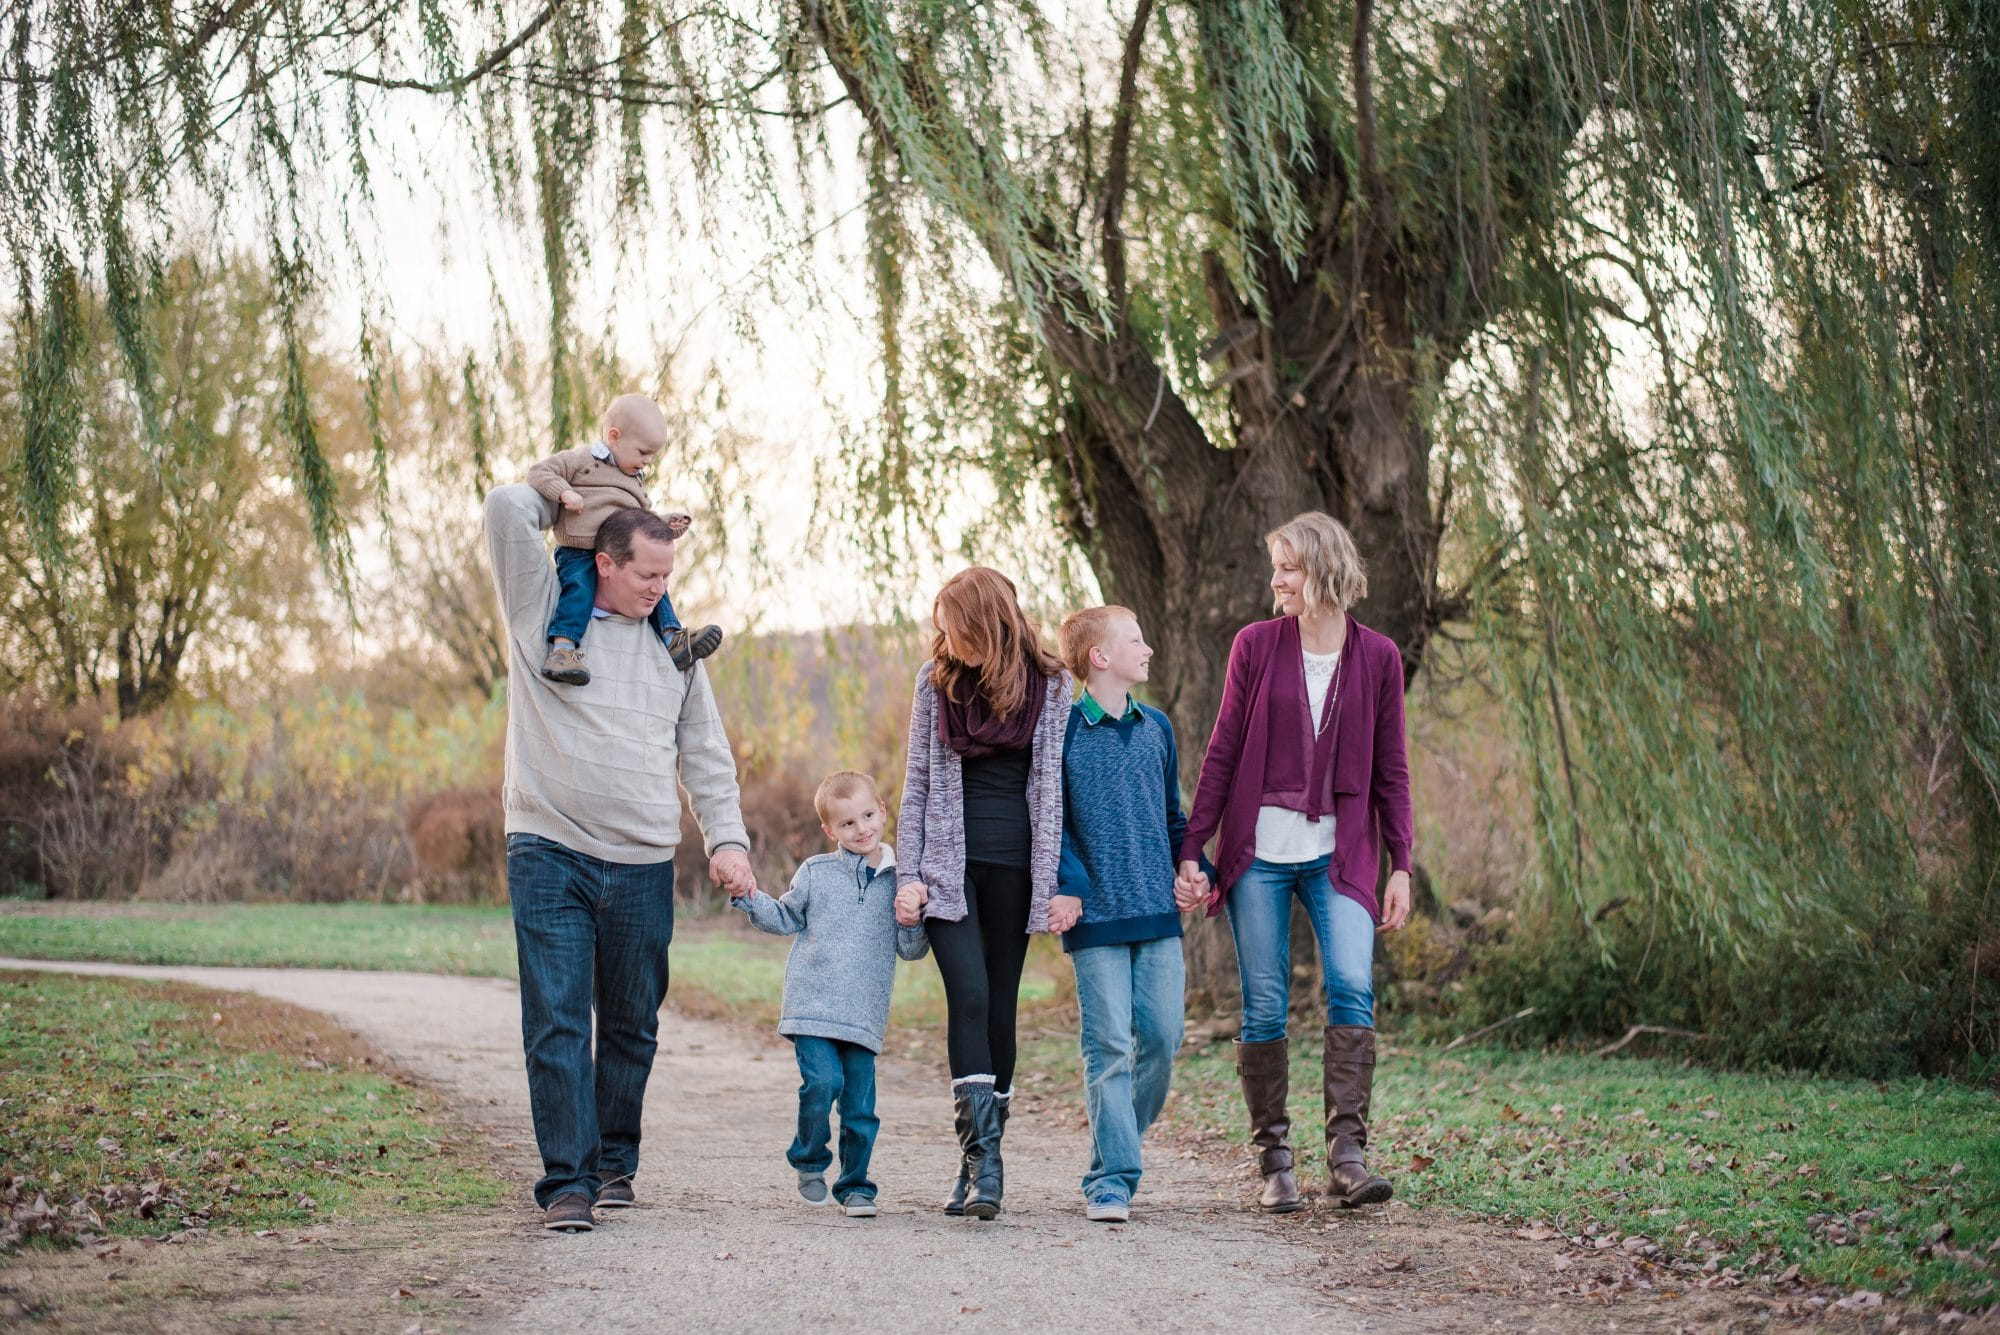 Lafayette, Indiana Photographer | Lafayette, Indiana Family Photographer | Victoria Rayburn | Luminant Photography